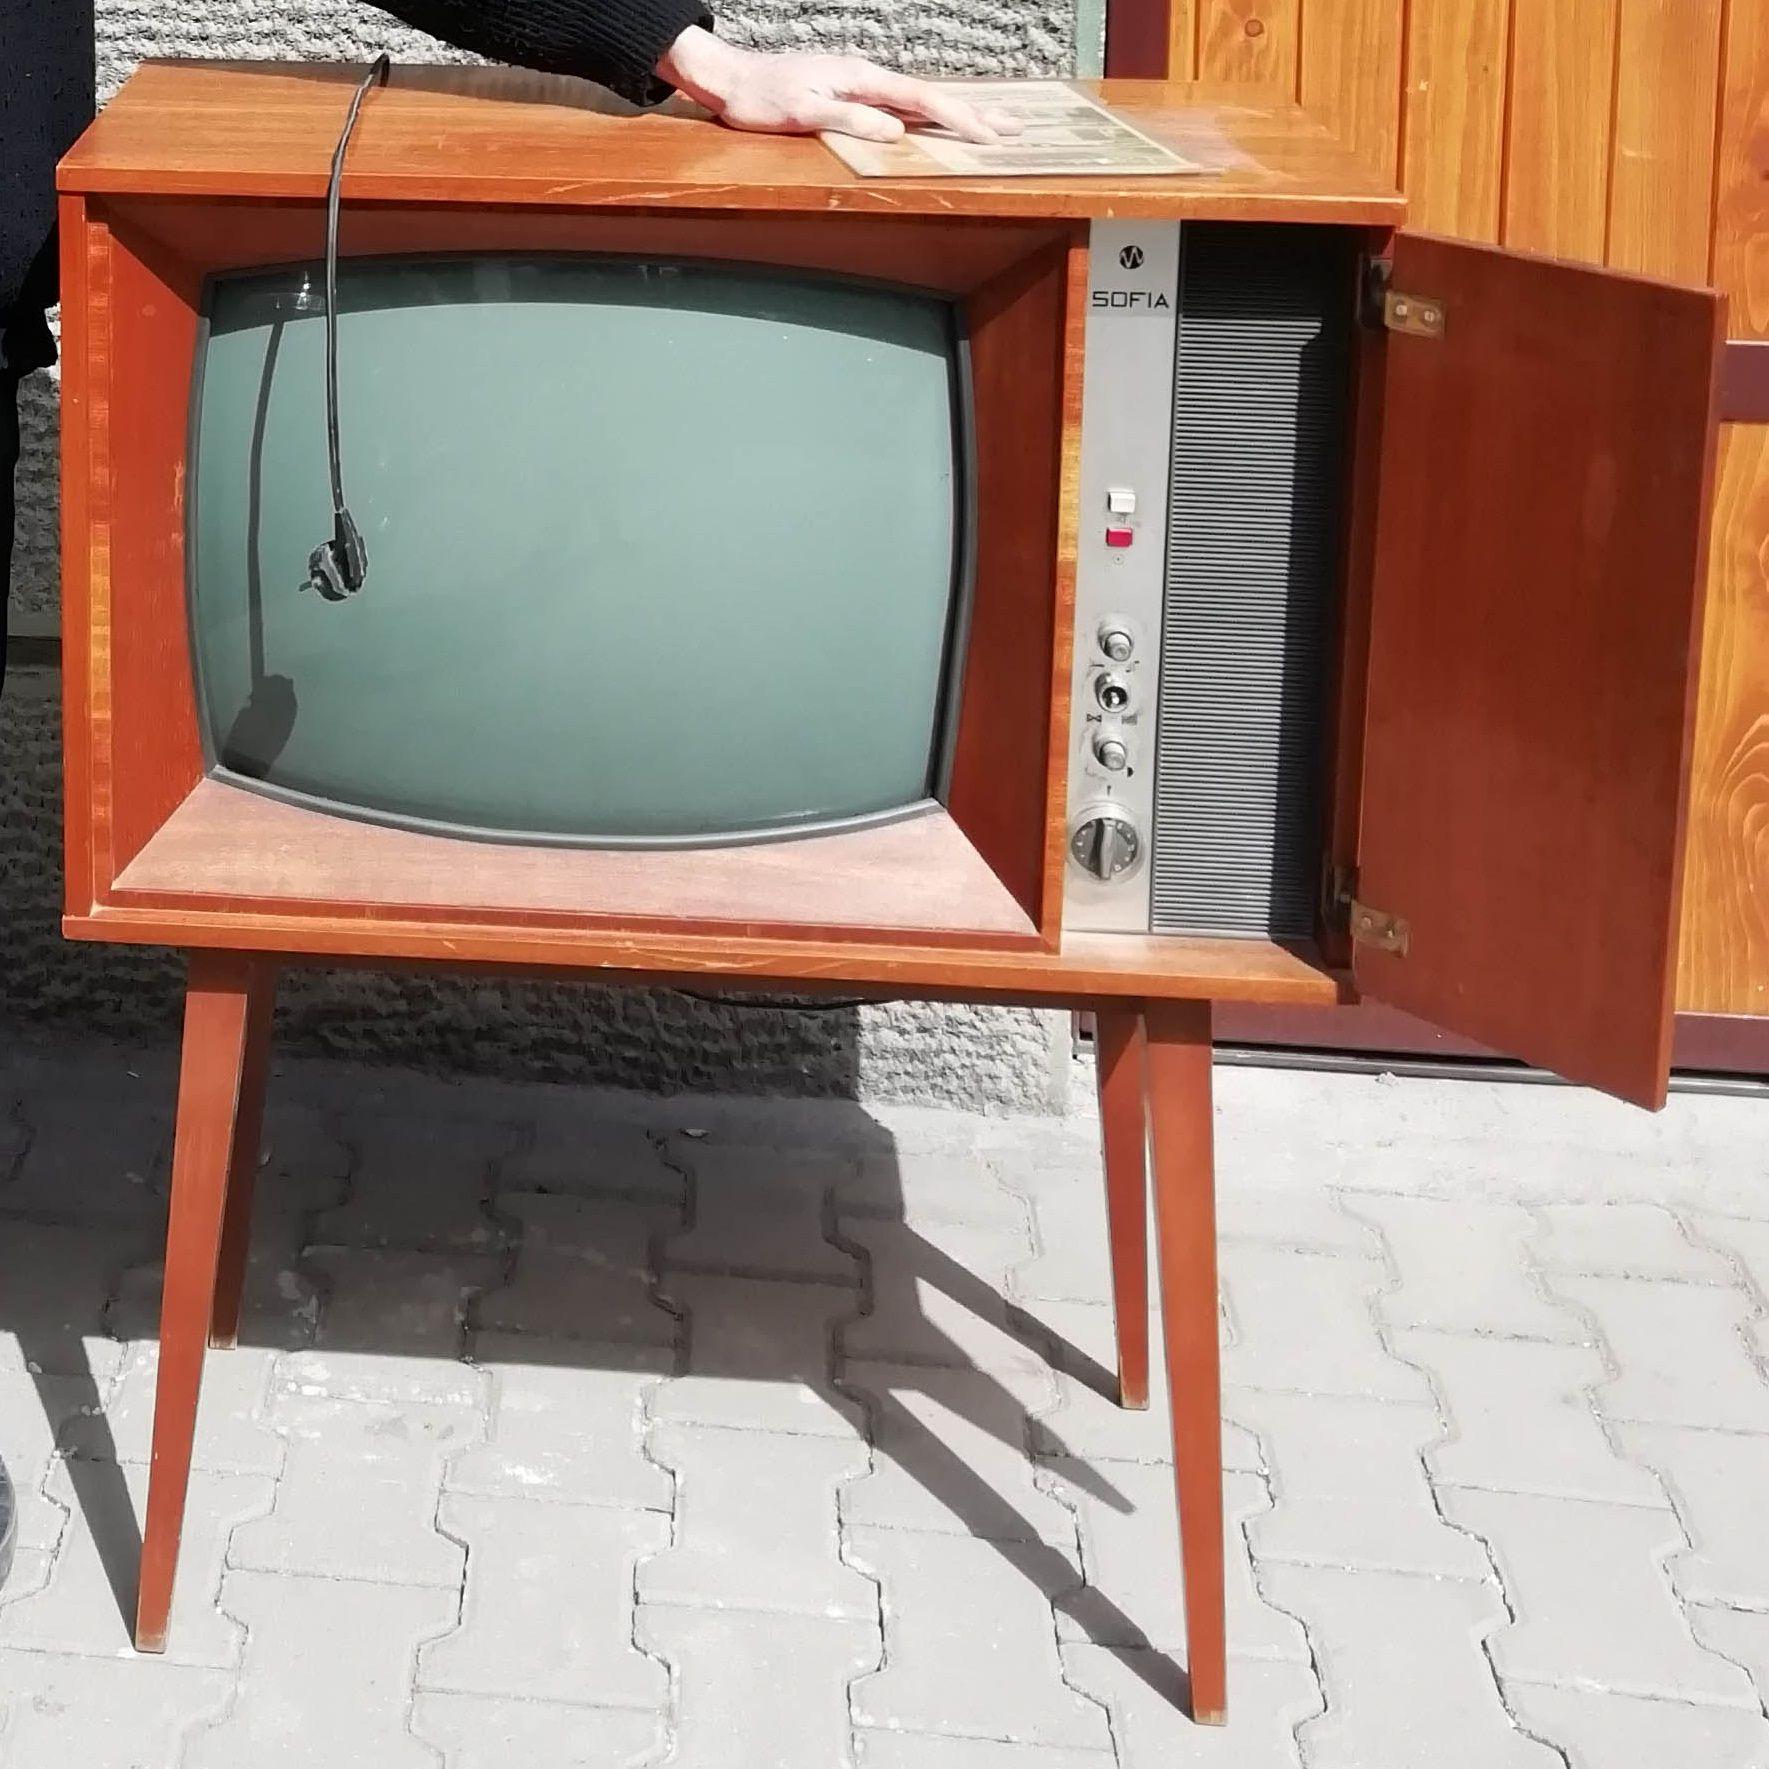 Телевизор Sofia